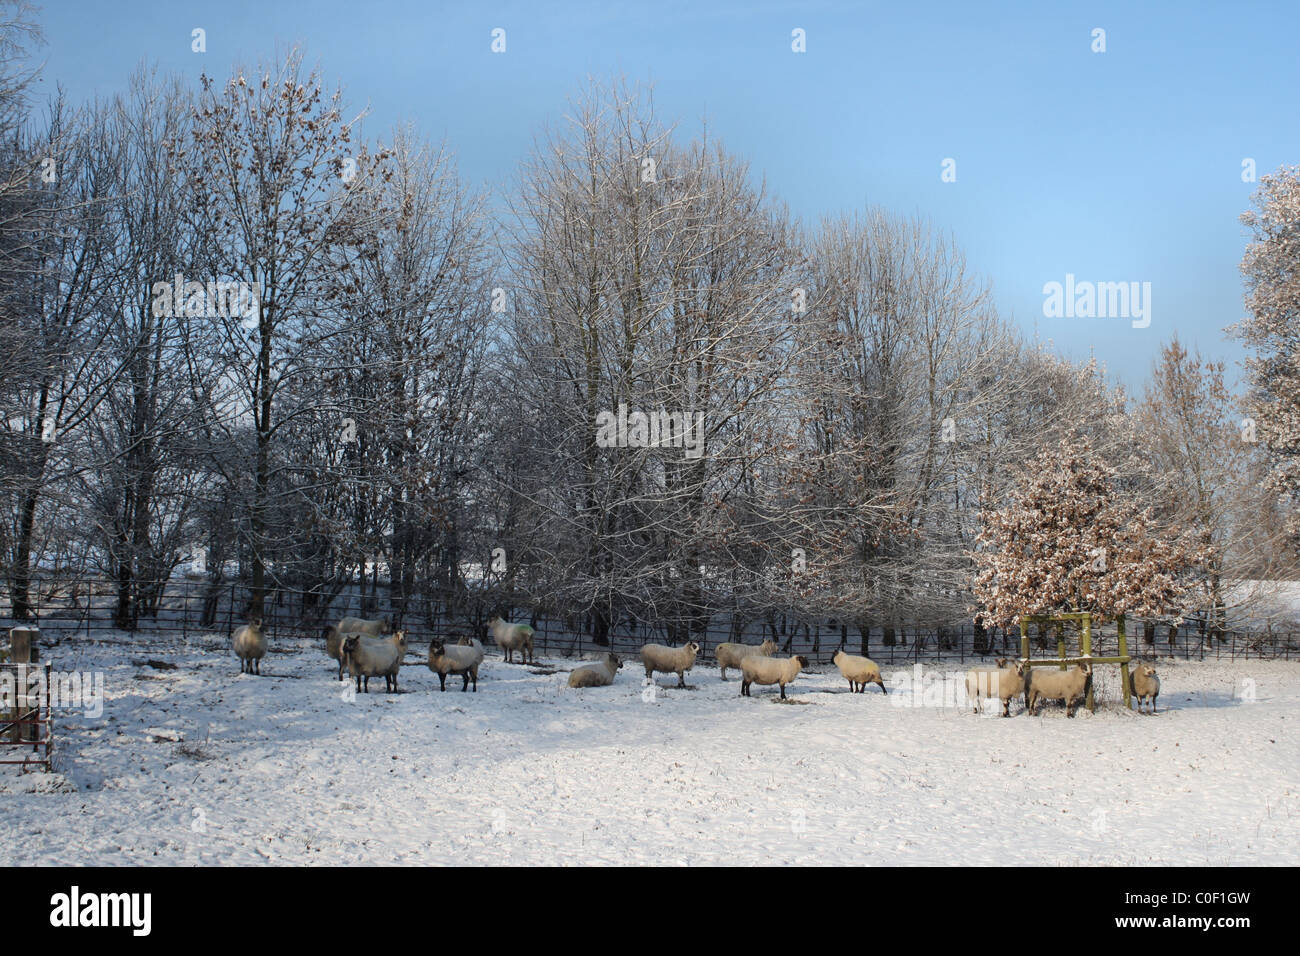 Sheep In Snow Calendar Stock Photos & Sheep In Snow